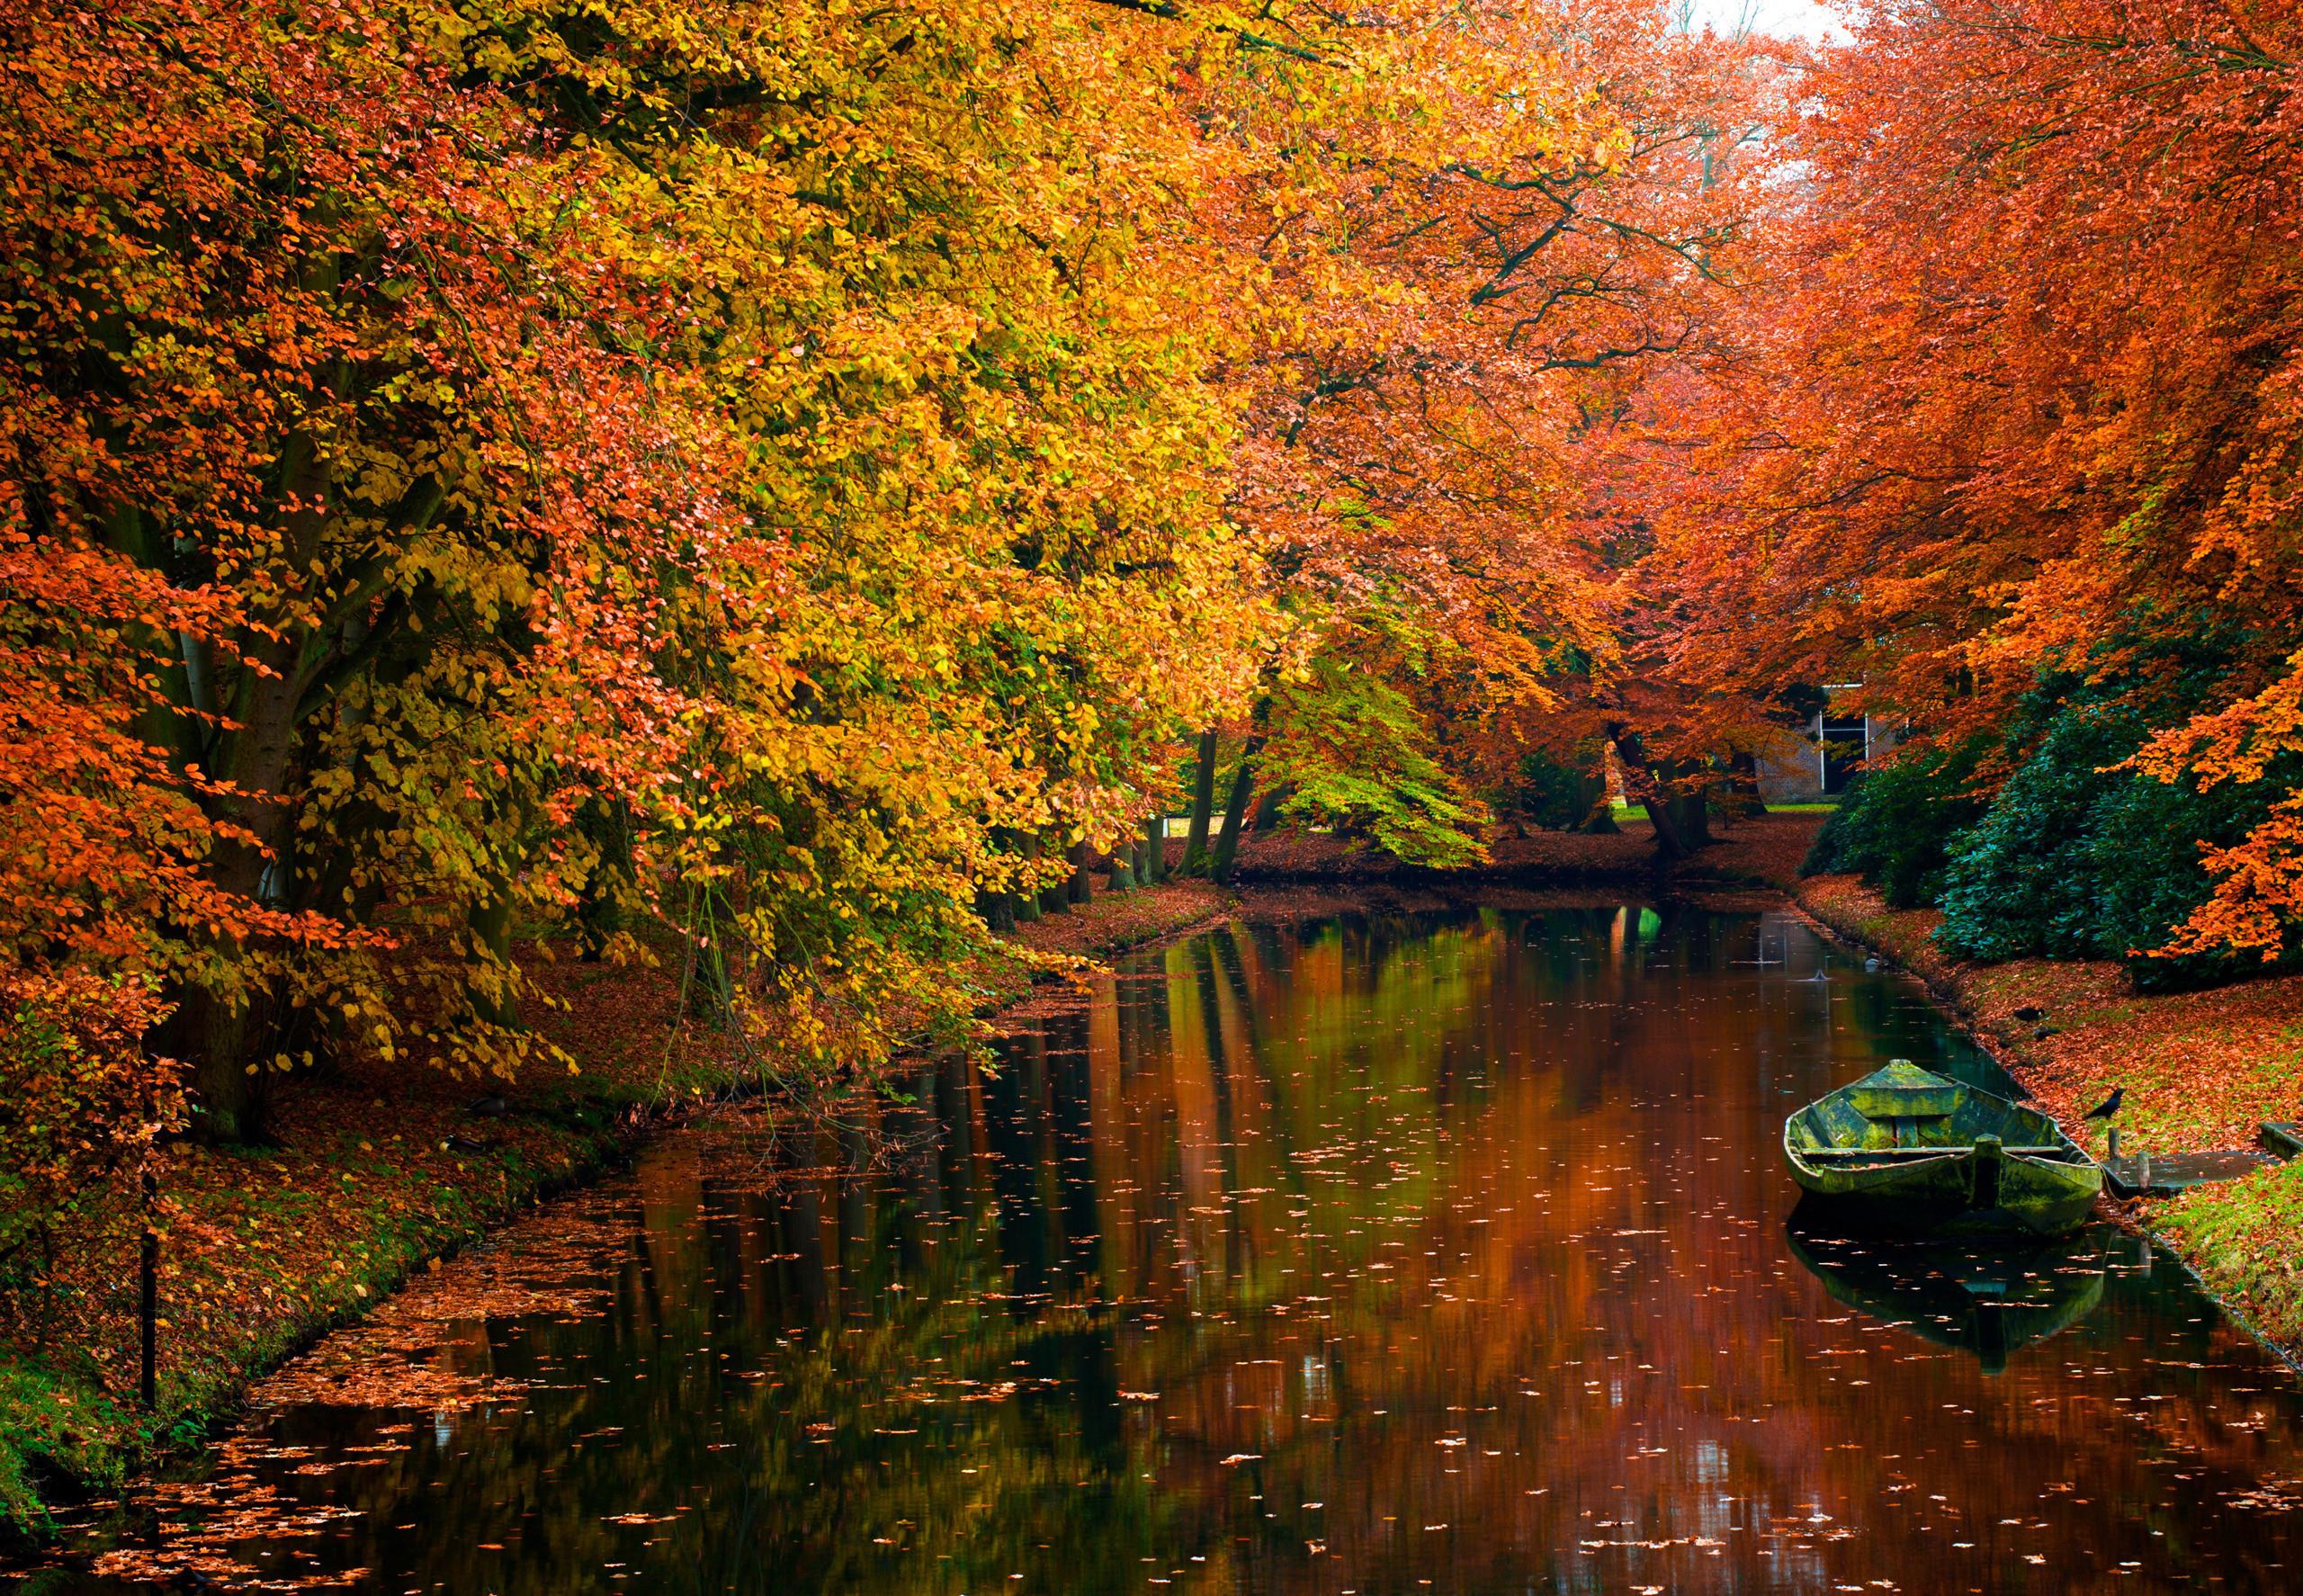 22274 скачать обои Пейзаж, Река, Деревья, Осень, Лодки - заставки и картинки бесплатно